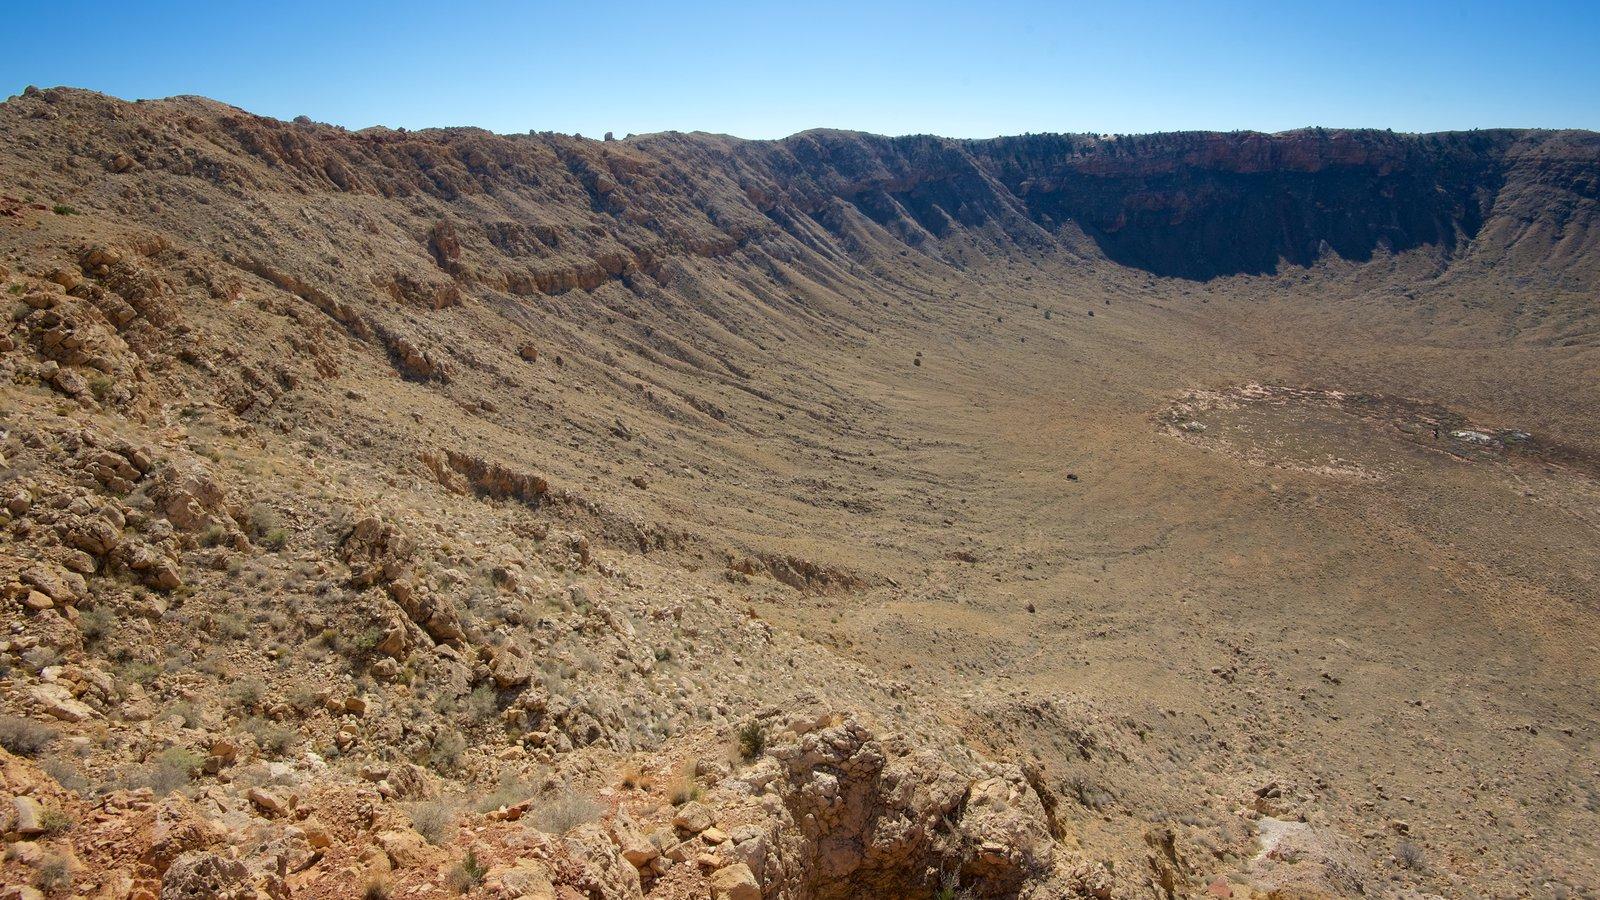 Meteor Crater caracterizando cenas tranquilas e paisagens do deserto